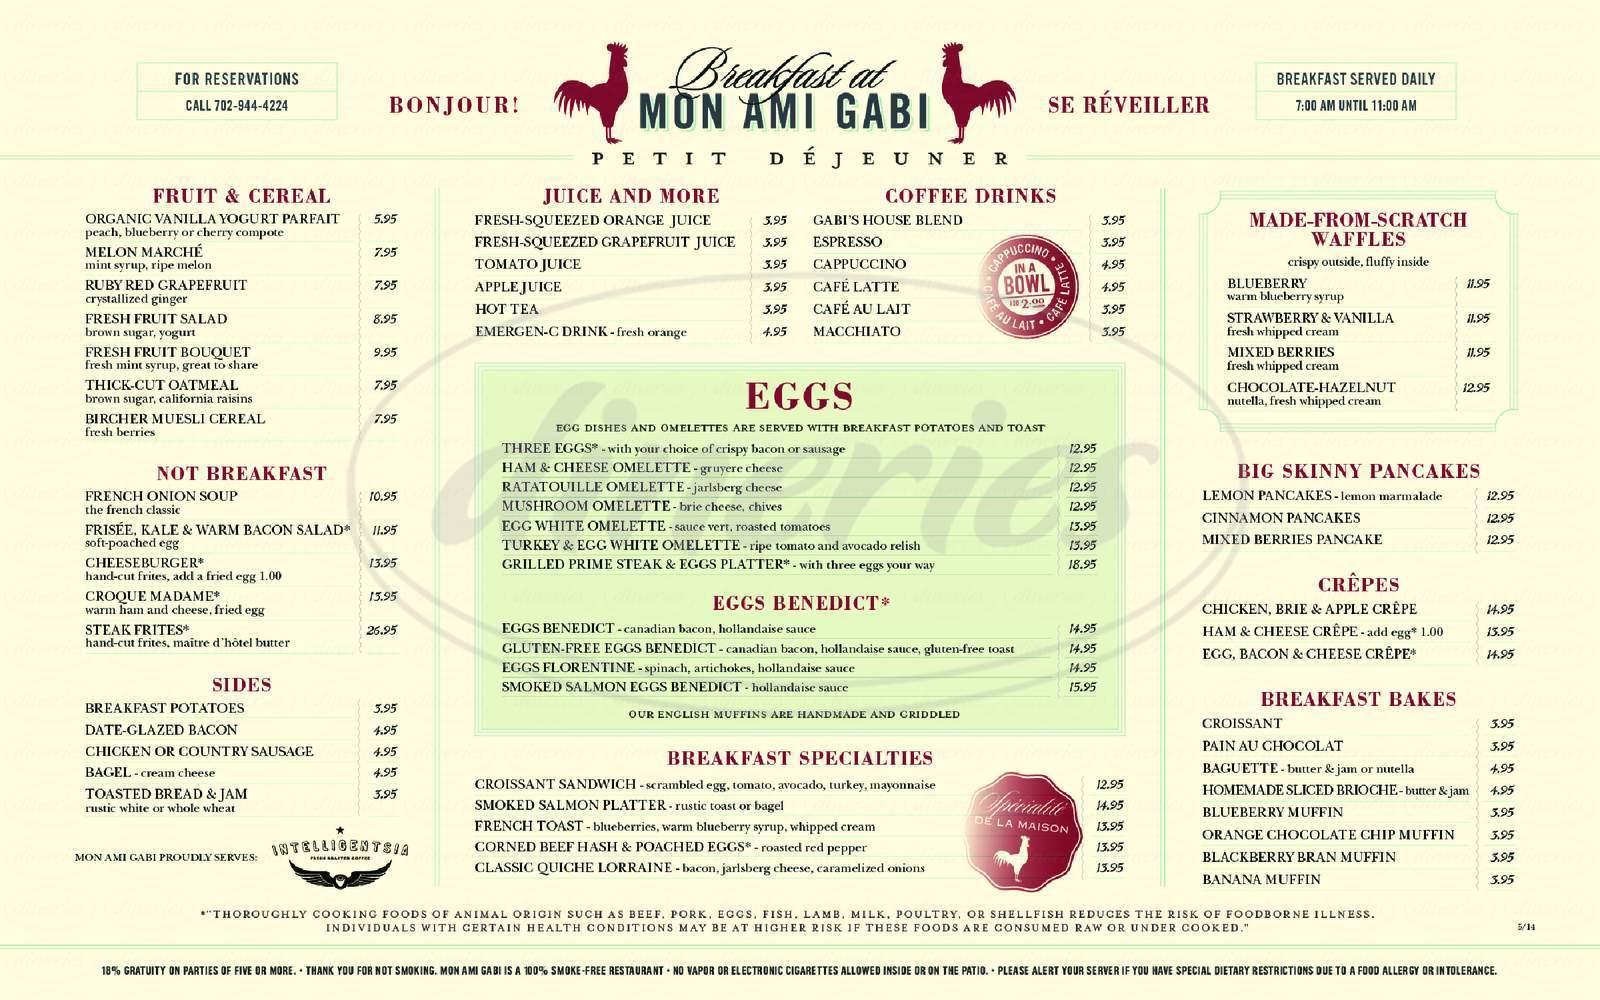 menu for Mon Ami Gabi